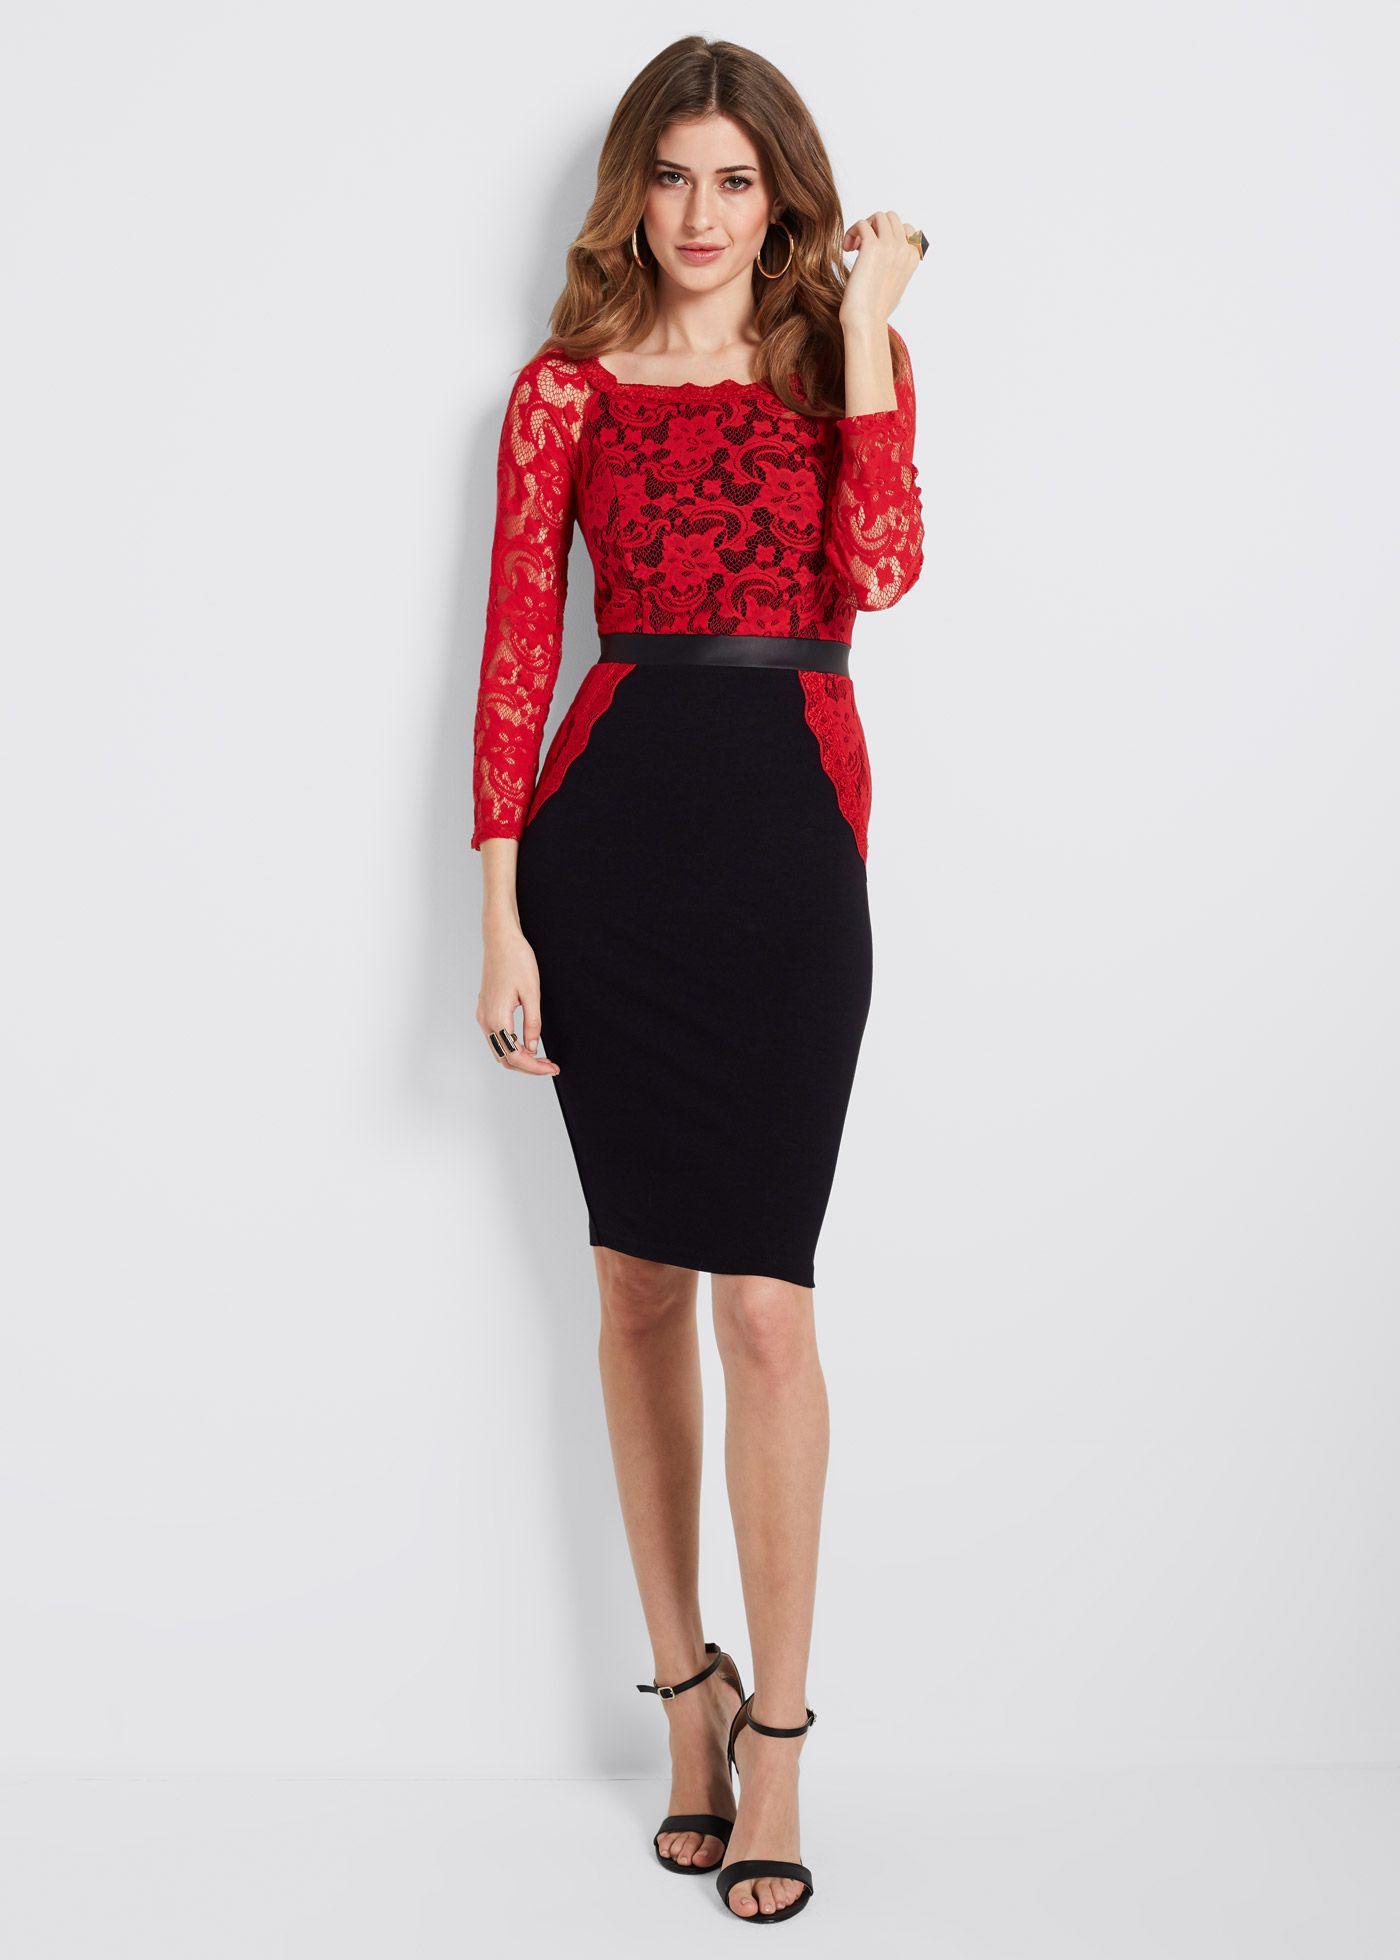 Kleid Kleid schwarz/rot jetzt im Online Shop von bonprix.de ab